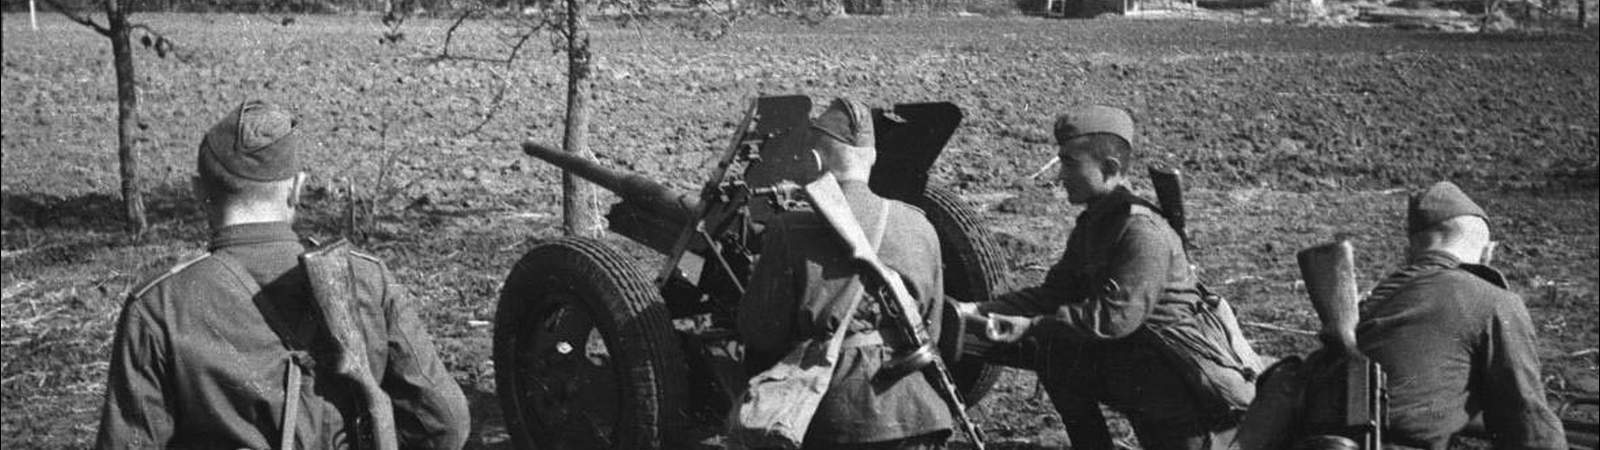 Пушки 45-м